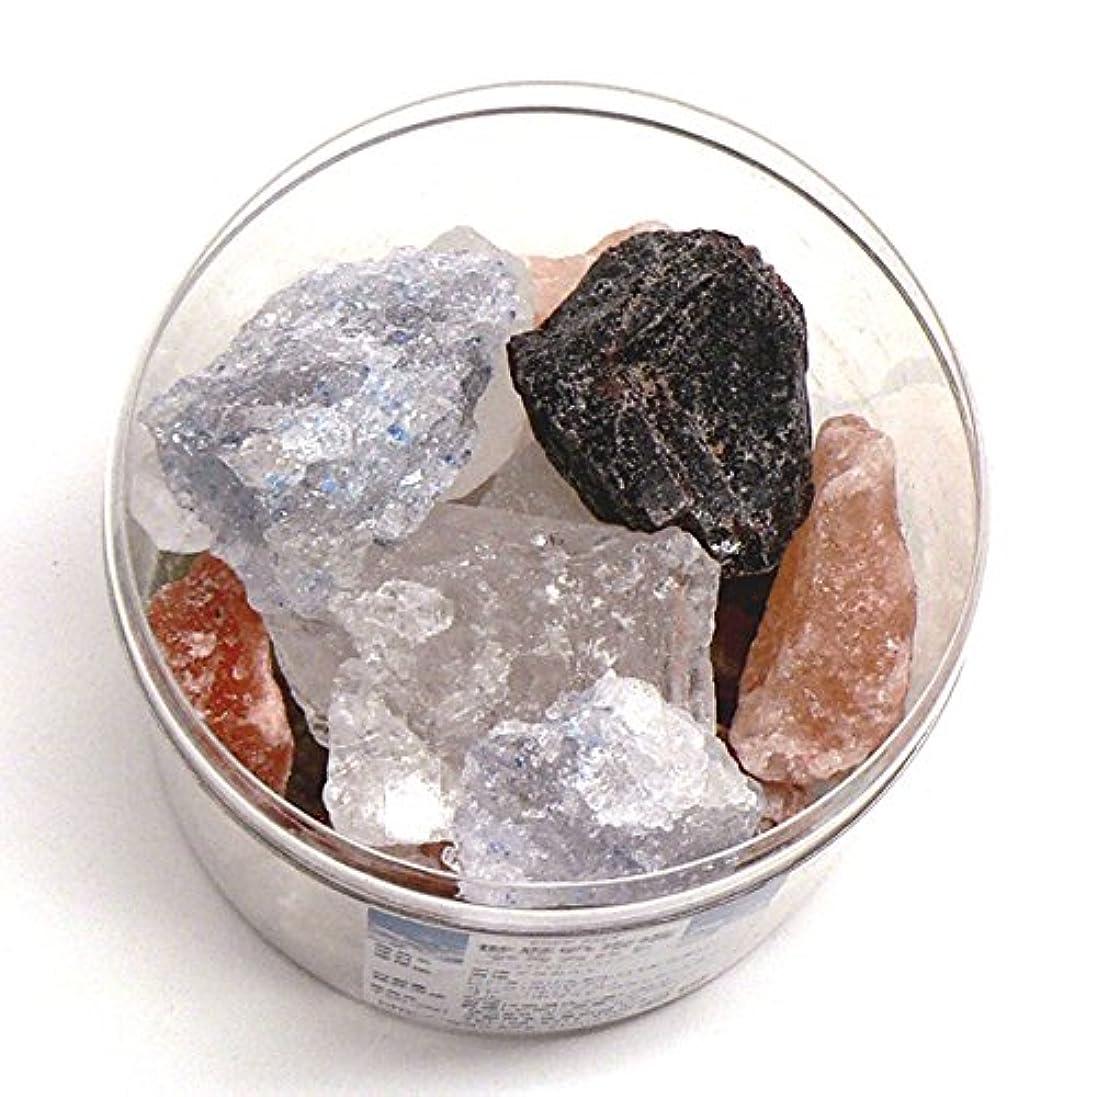 あいさつ姿を消すシャックル【おまかせ品】世界の岩塩 アラカルト ブルー岩塩 ヒマラヤ岩塩 アンデス岩塩